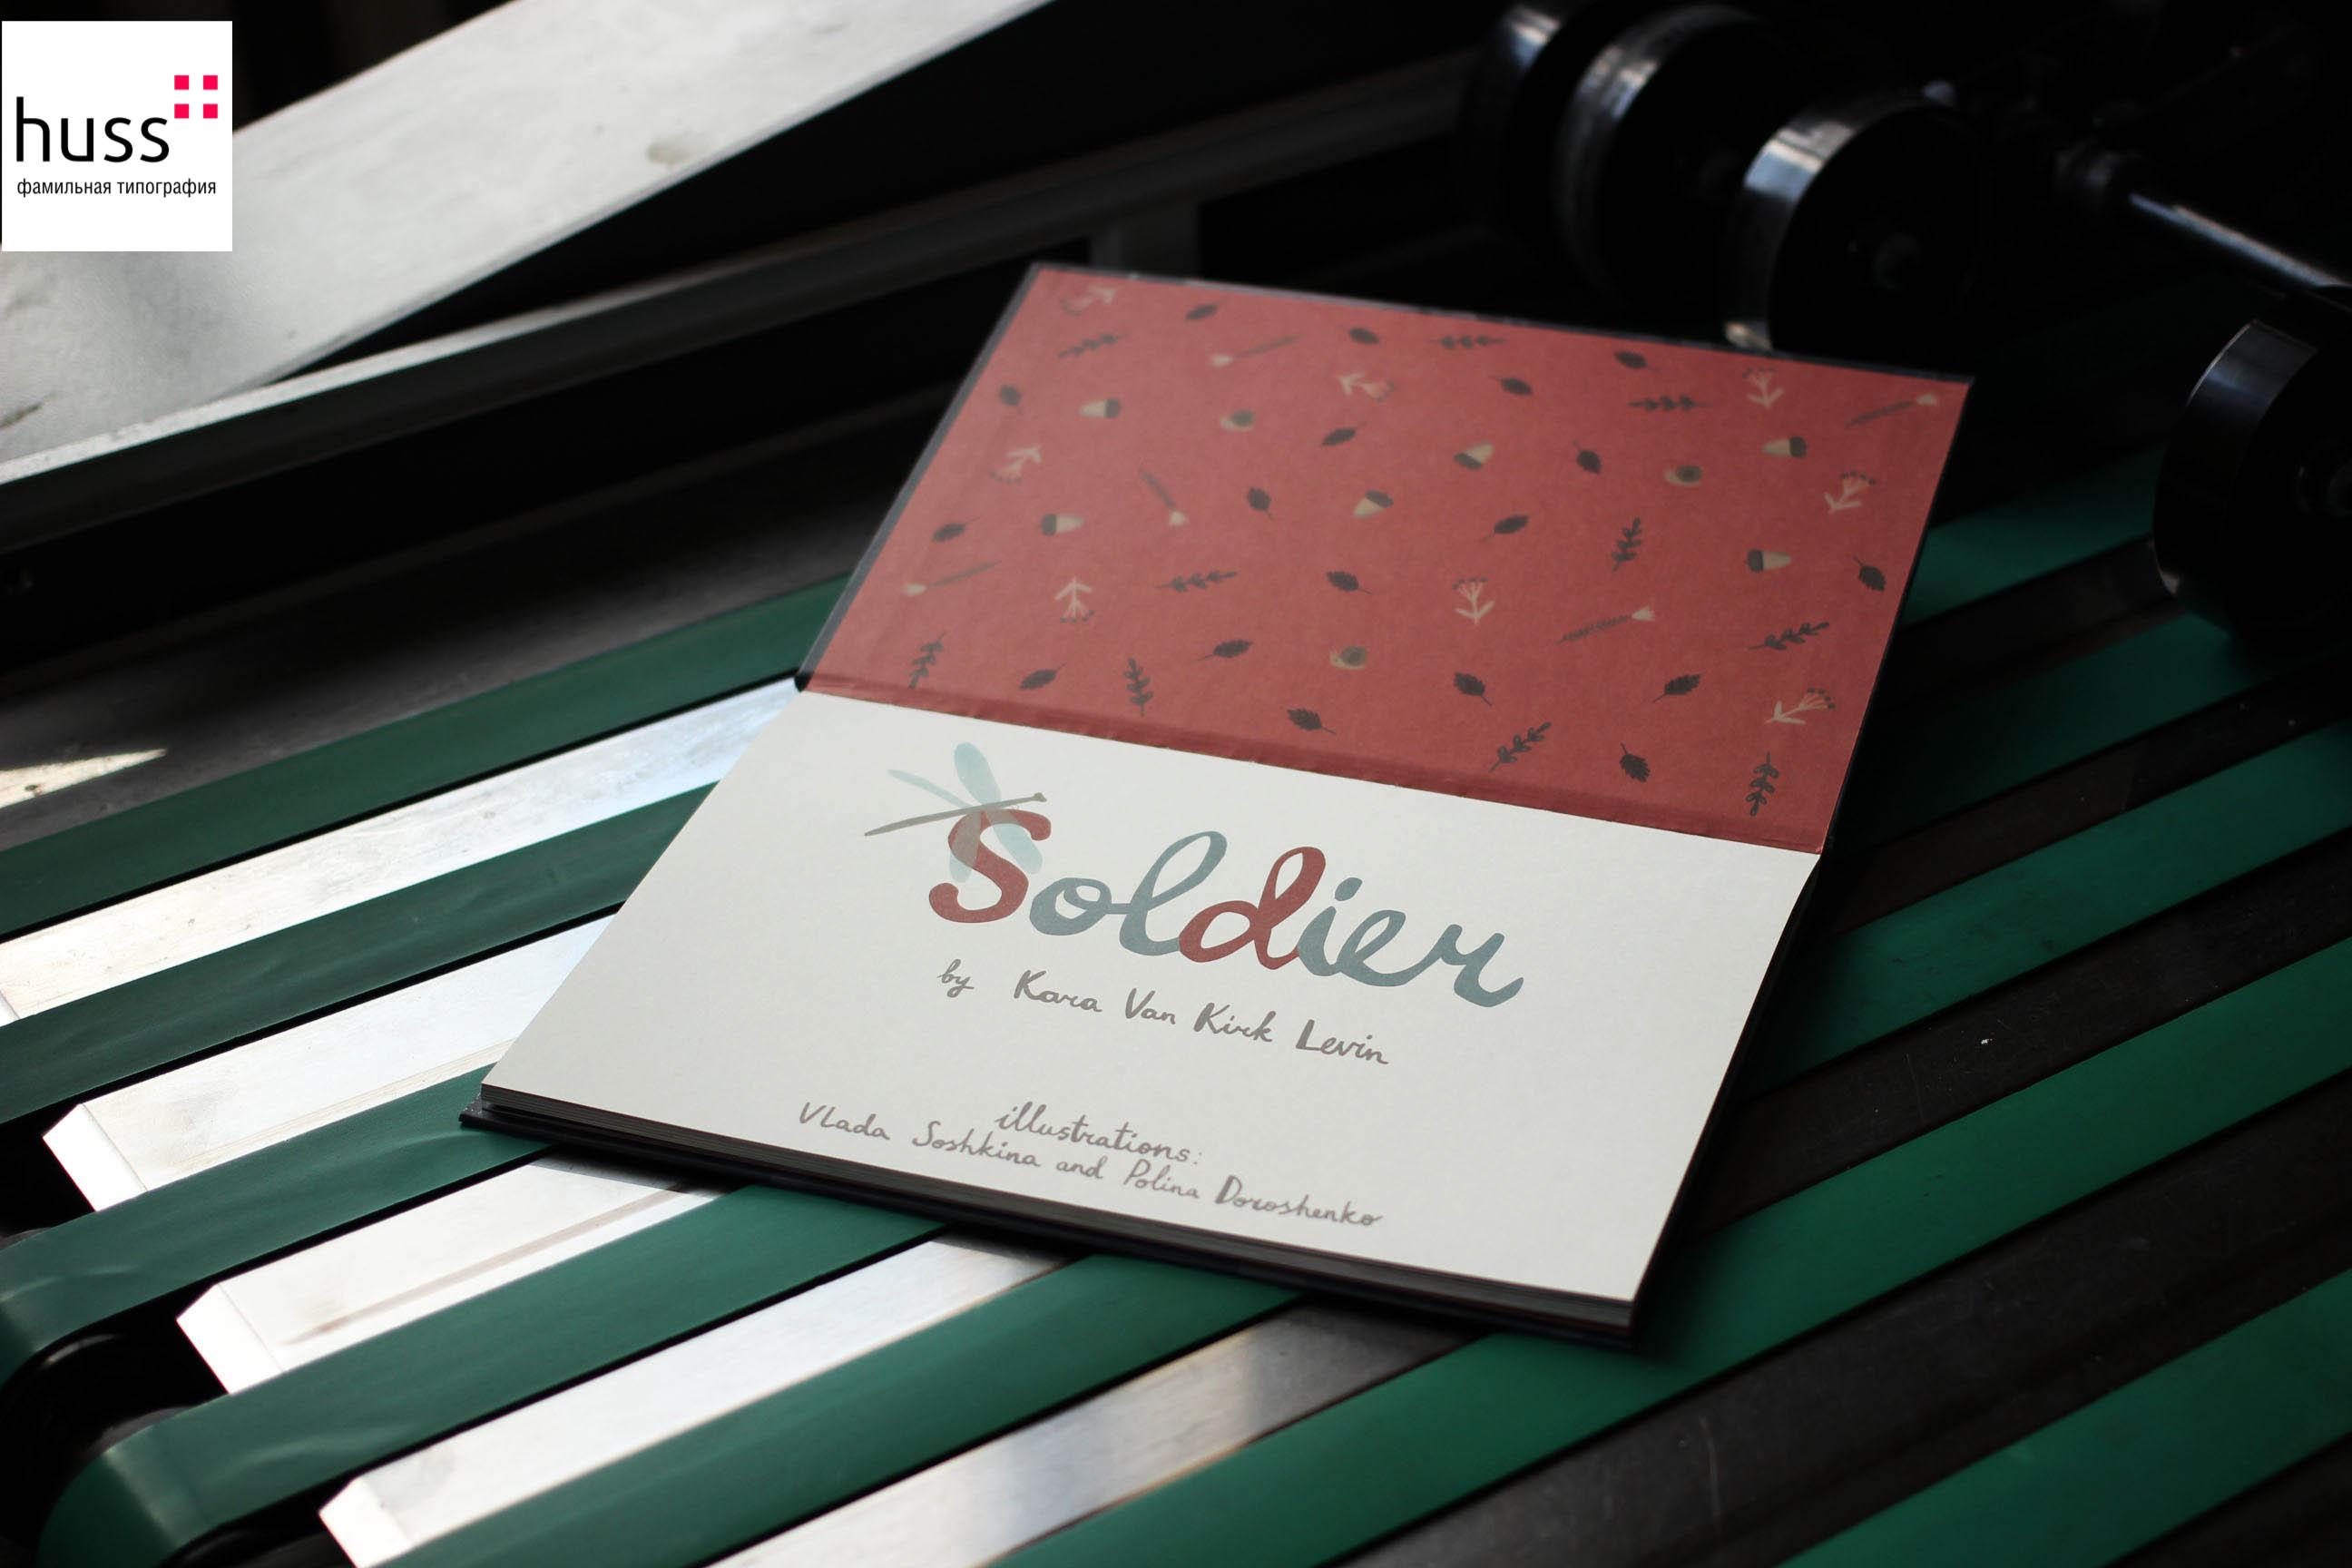 Печать книги Soldier типография huss (2 of 7)